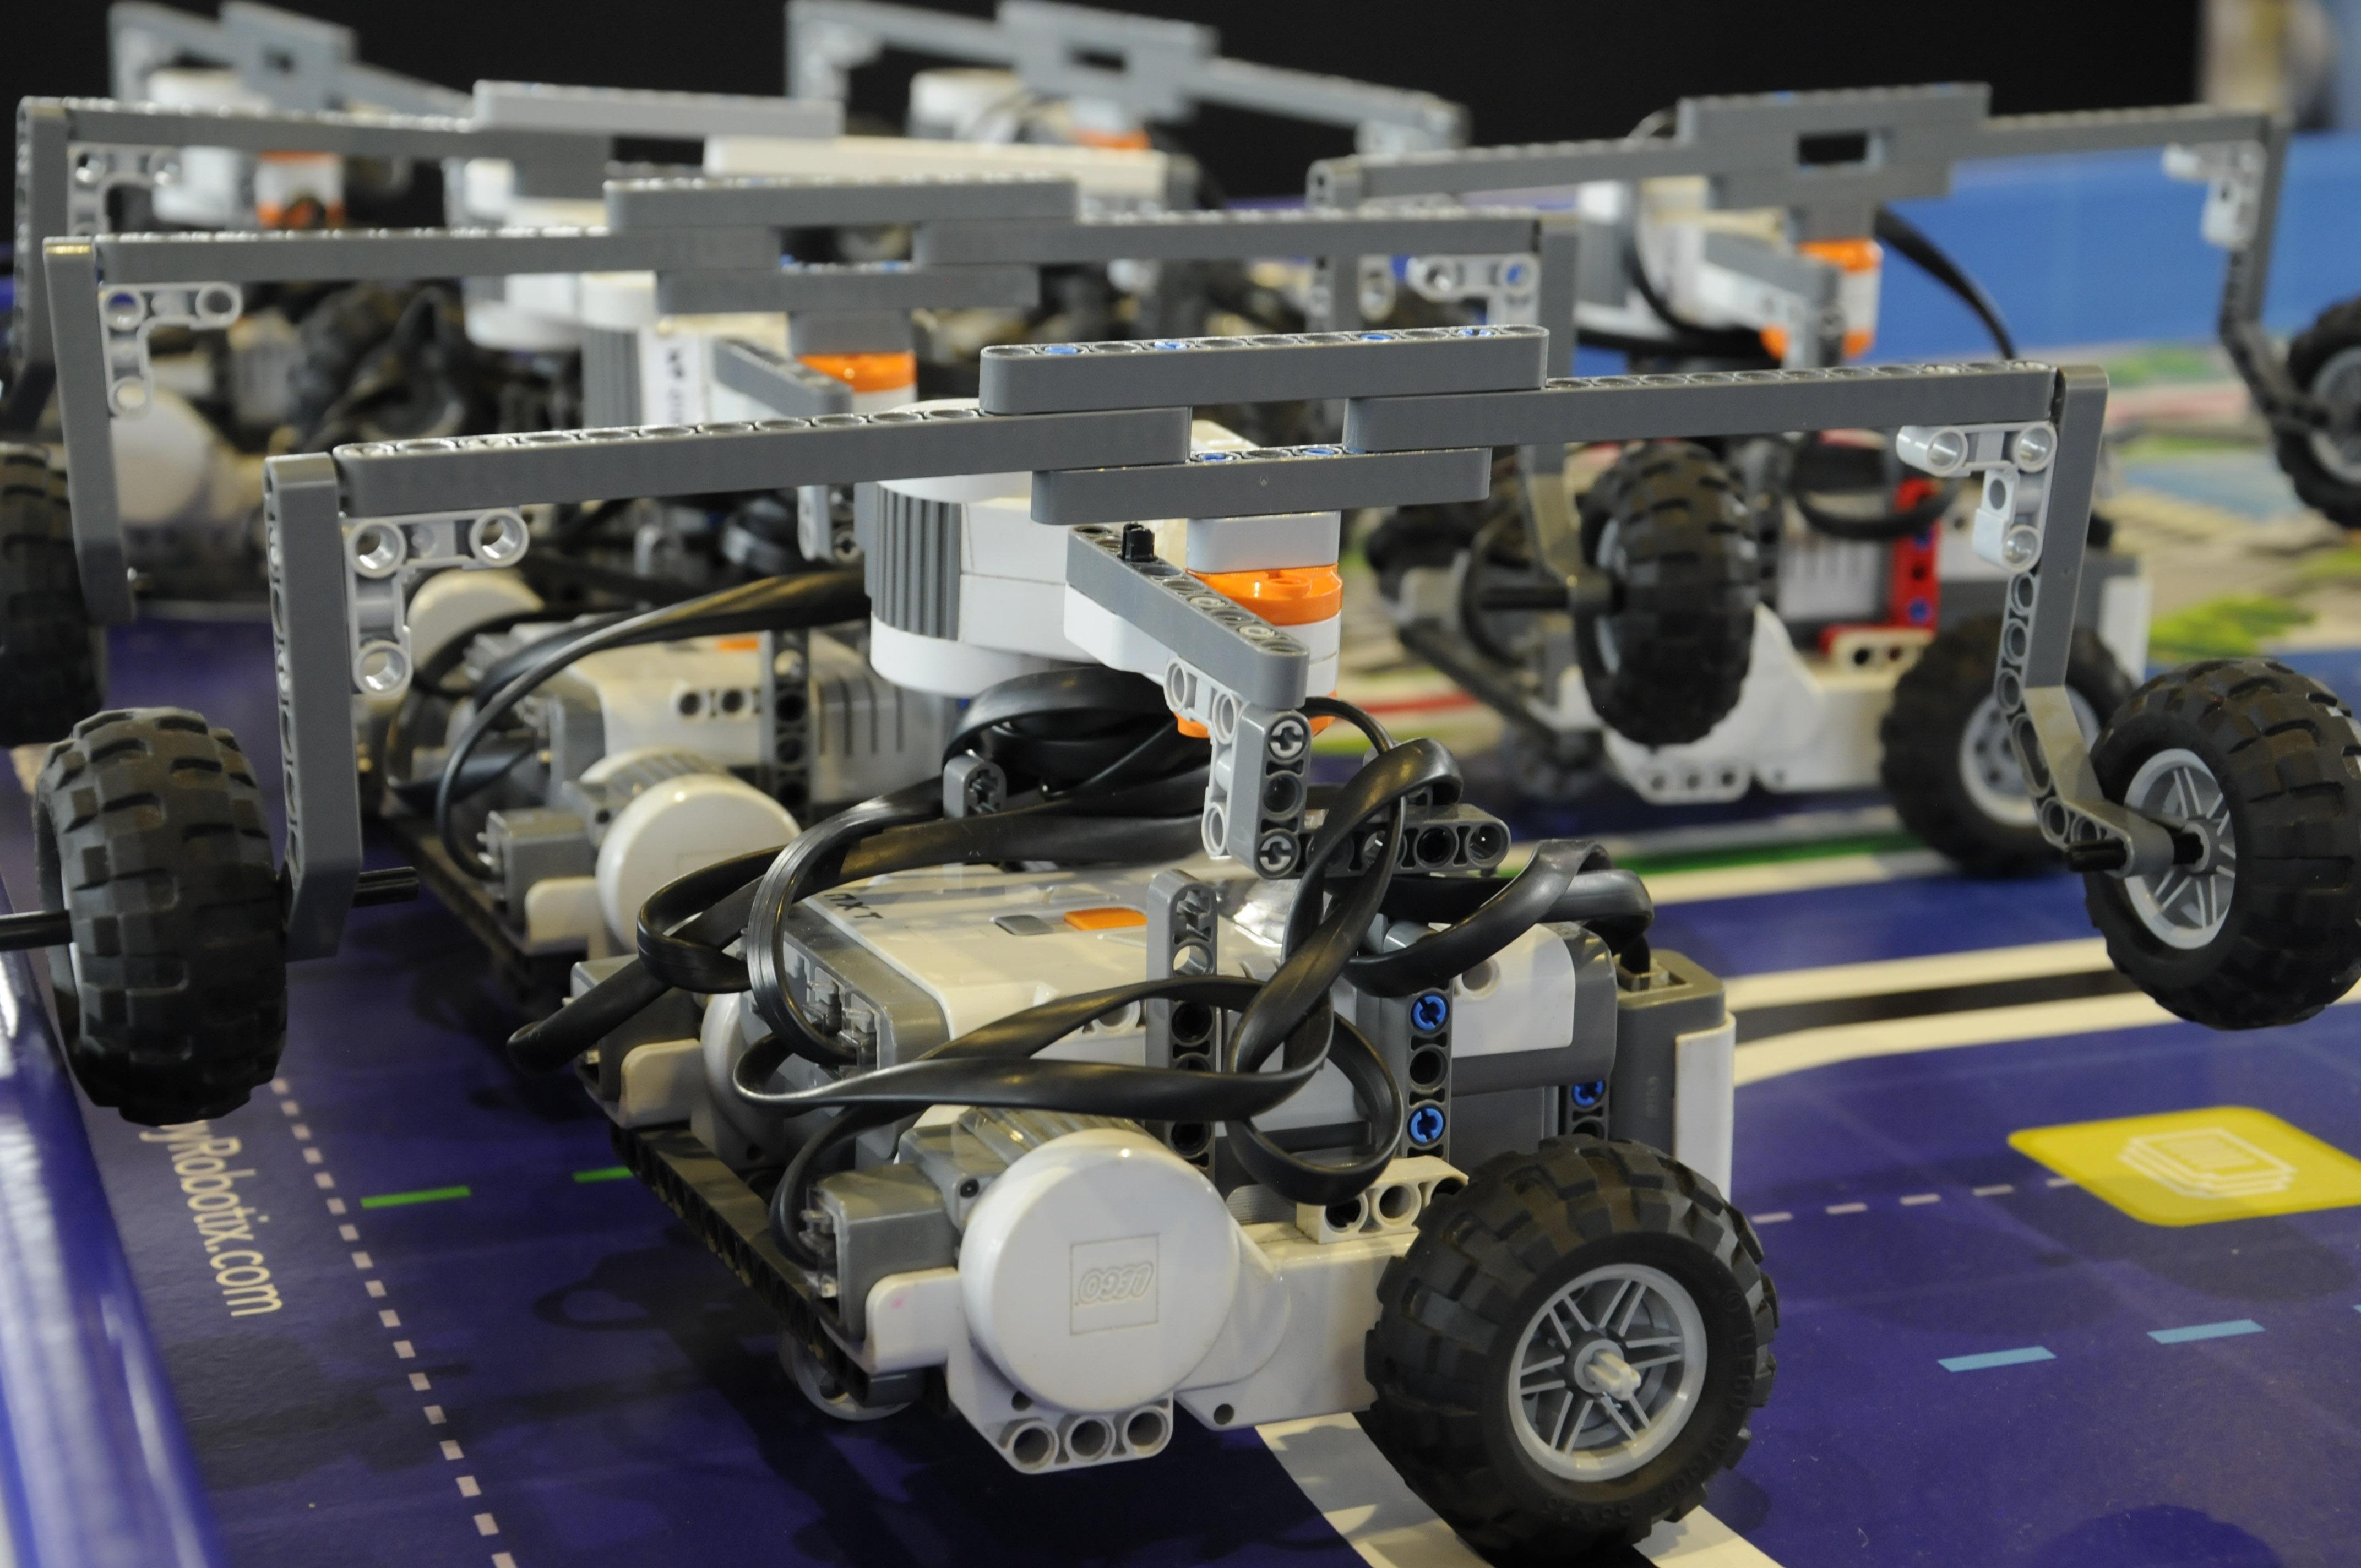 Robots producirán aparatos electrónicos en Baja California